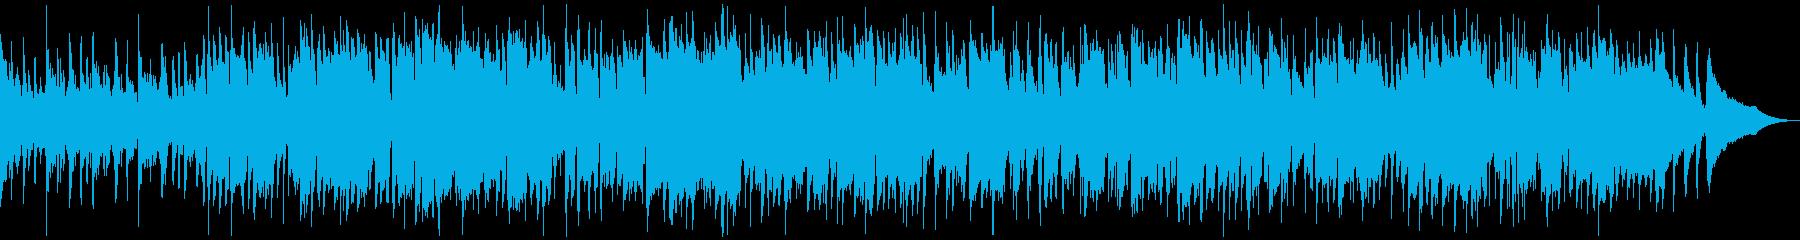 ゆったりサックスのスムースジャズの再生済みの波形